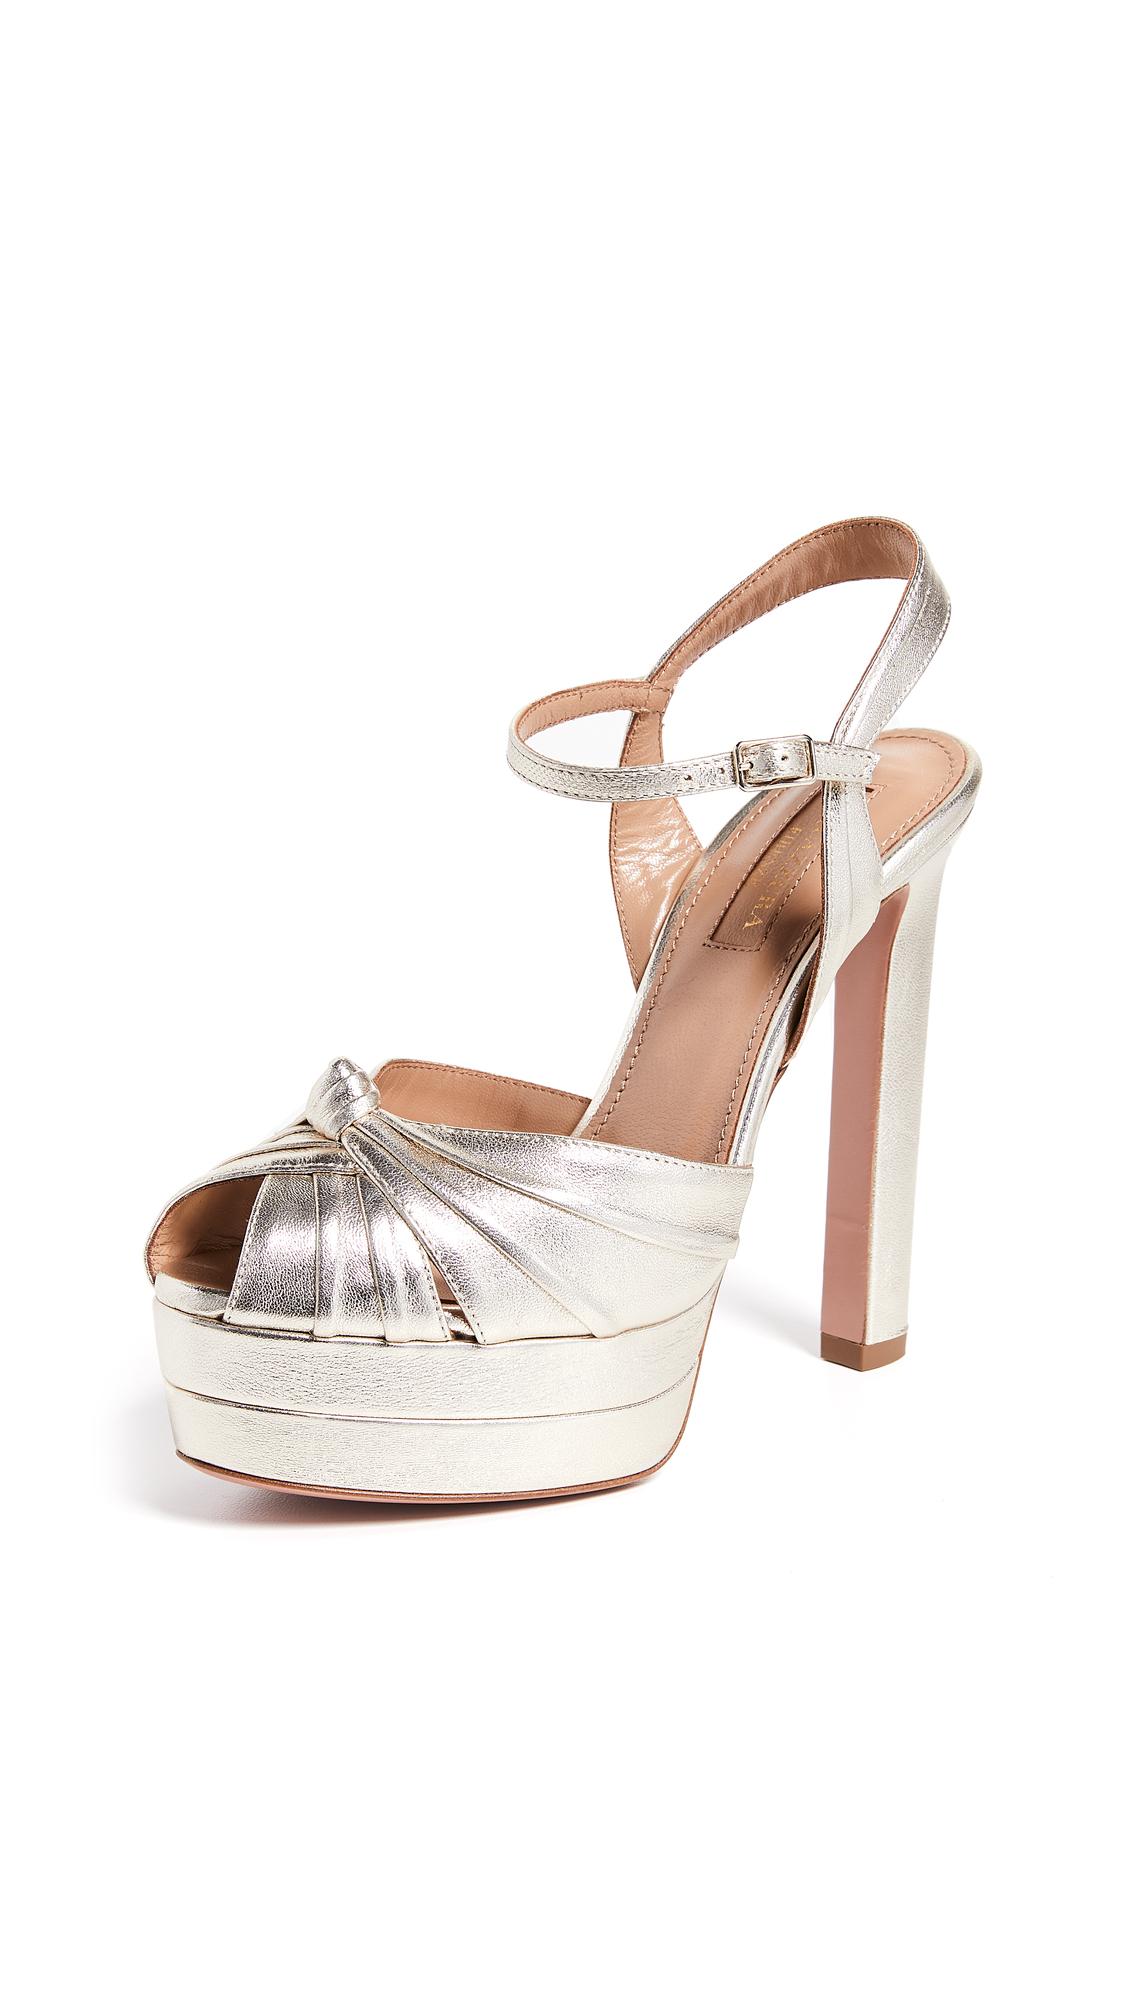 Aquazzura Evita 130 Plateau Sandals - Light Gold